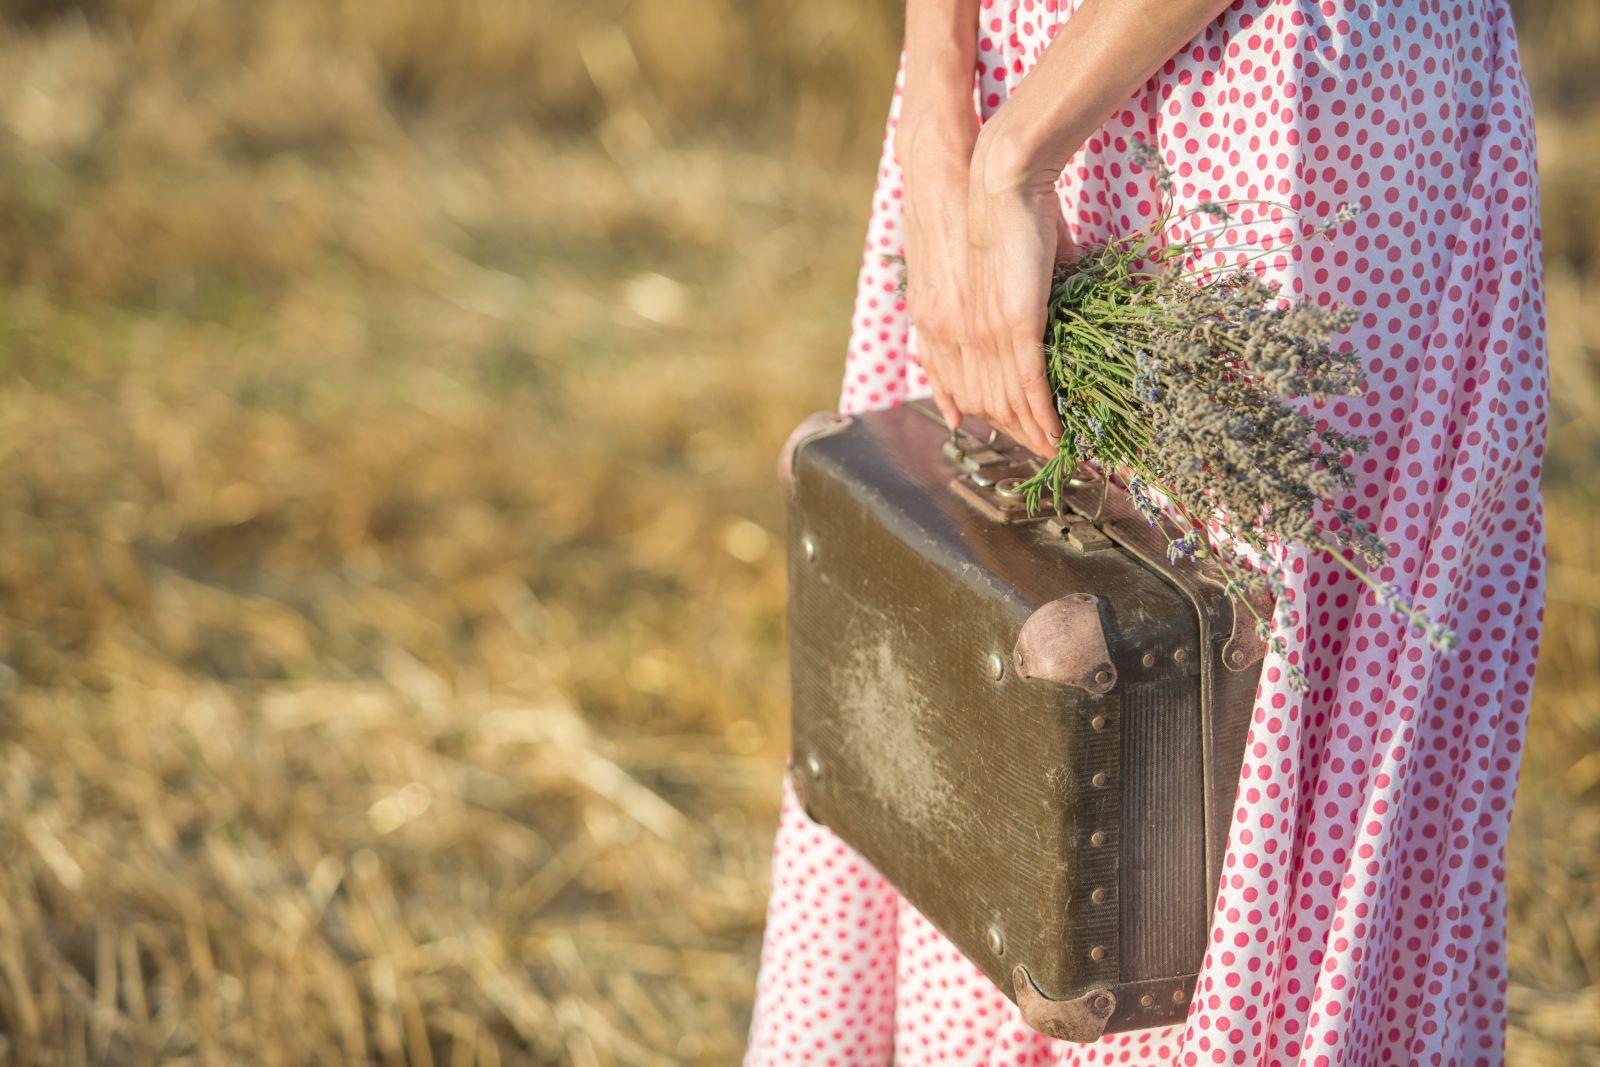 женщина с чемоданом